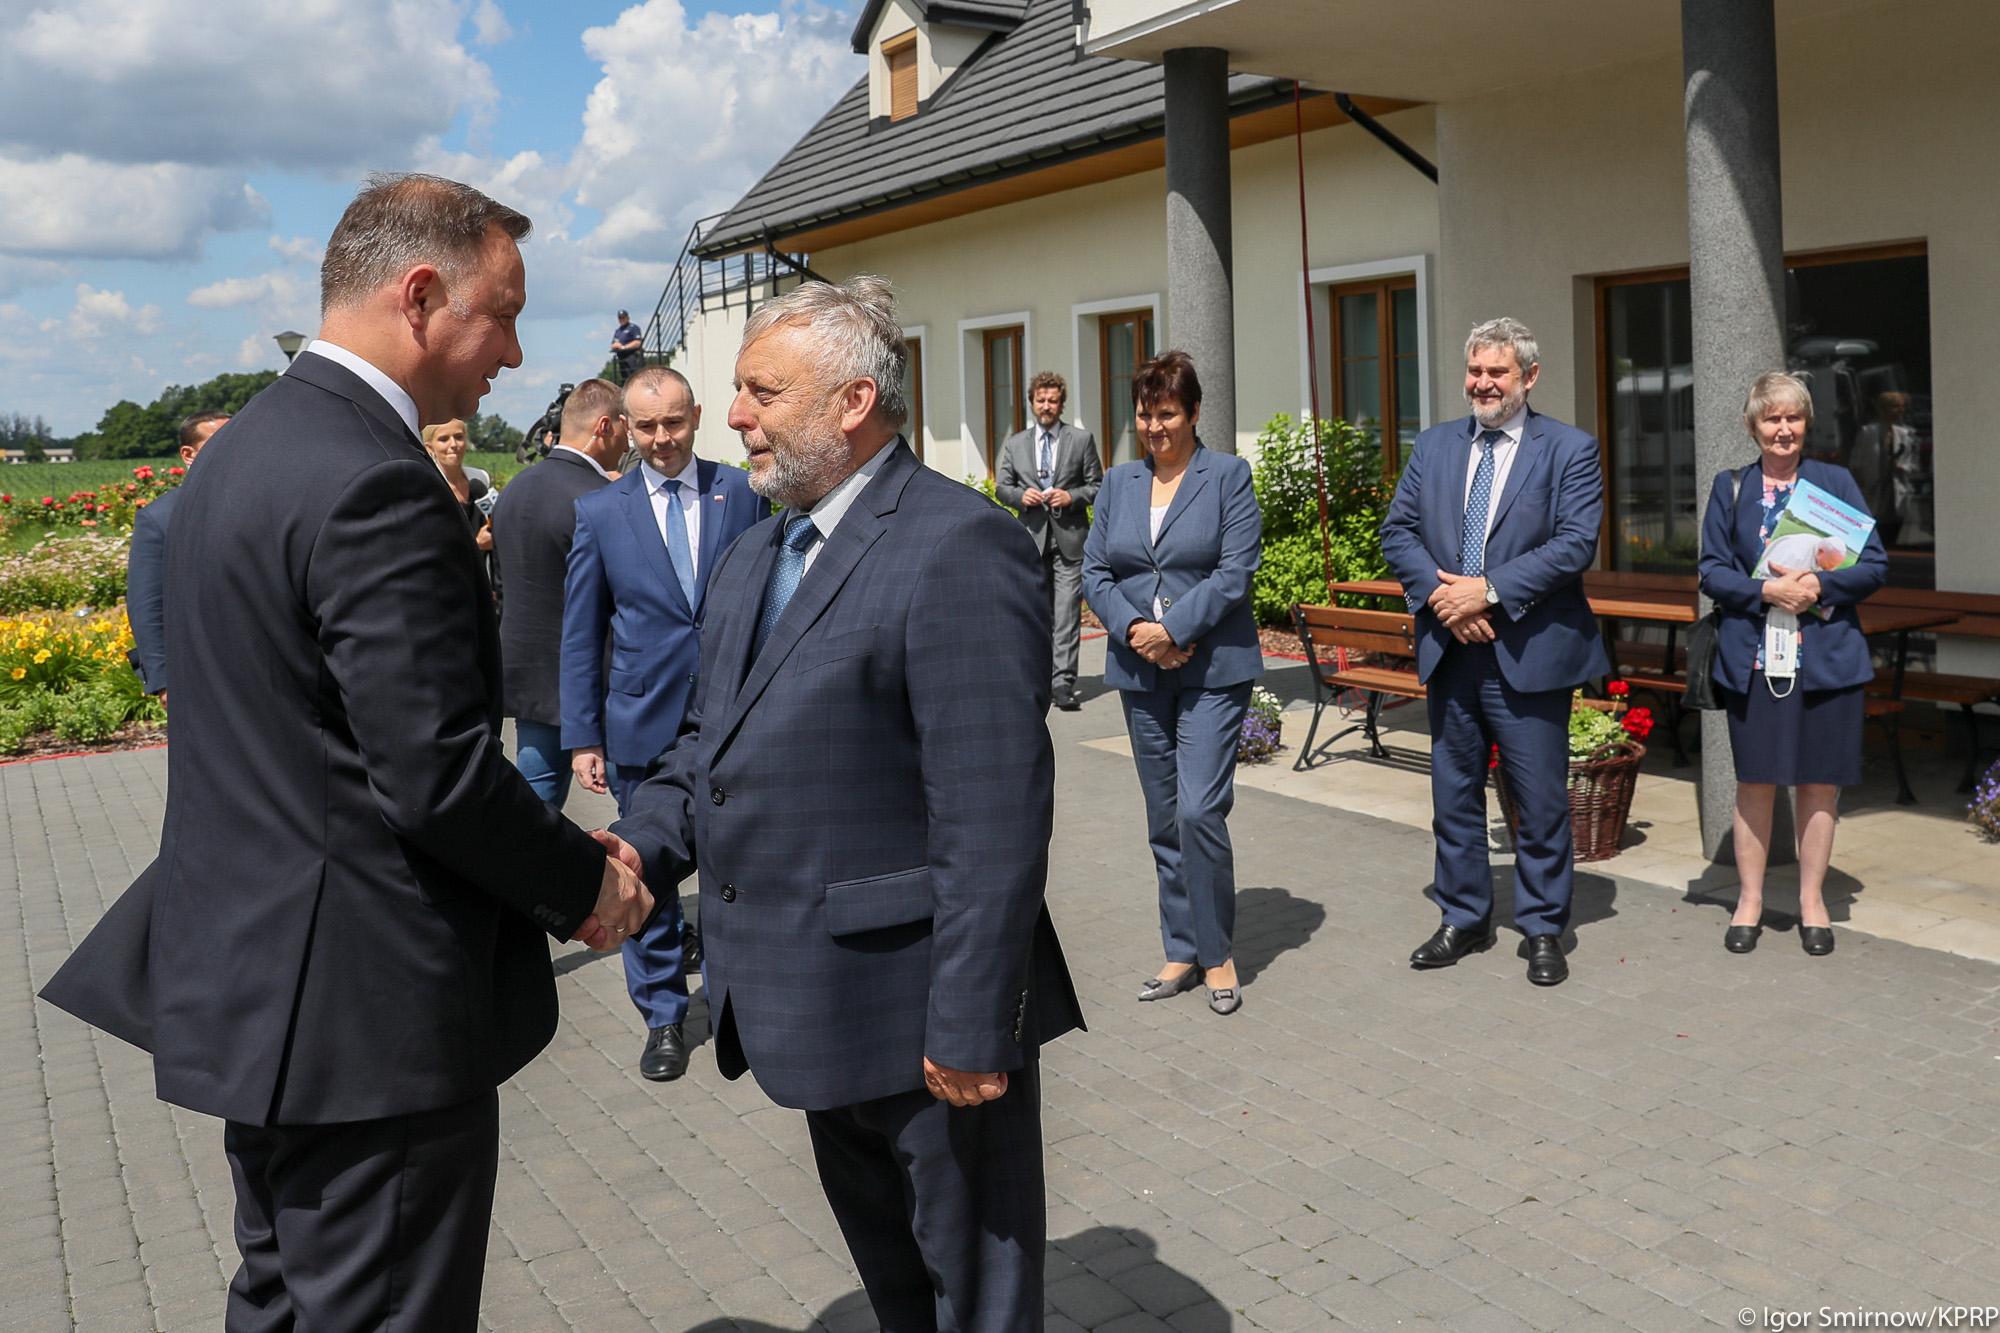 Prezes KRIR Wiktor Szmulewicz wita Prezydenta RP Andrzeja Dudę (Fot. Igor Smirnow KPRP)